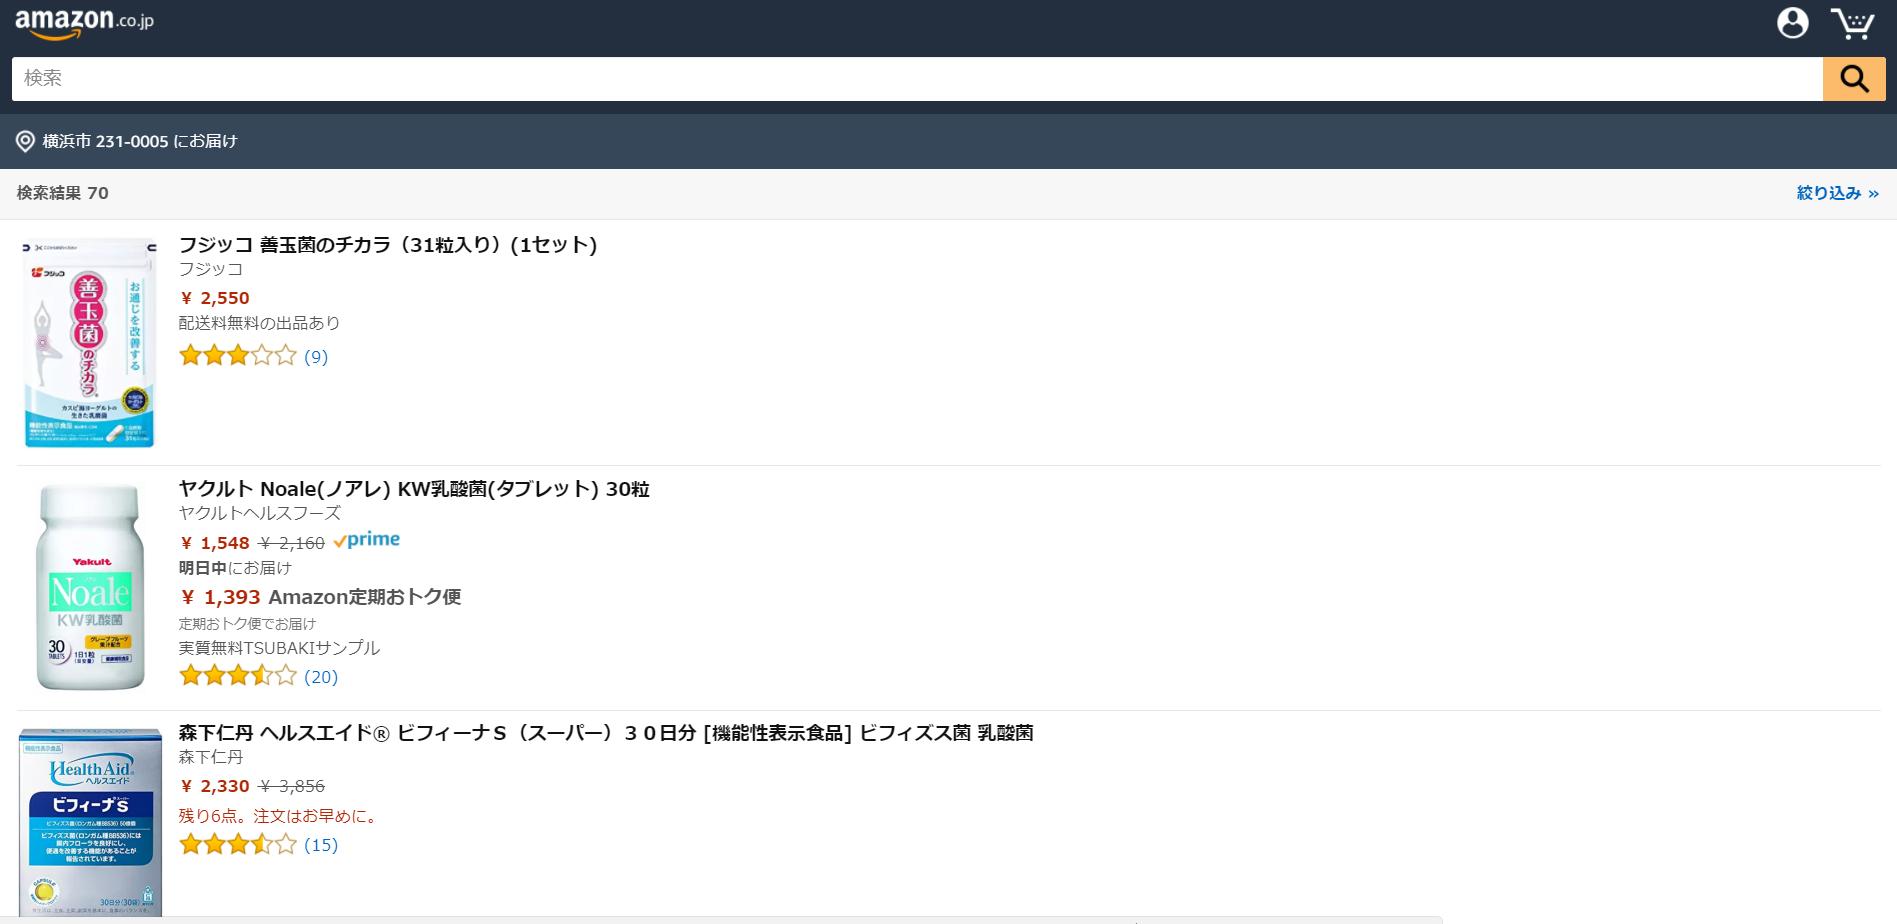 善玉元気 Amazon